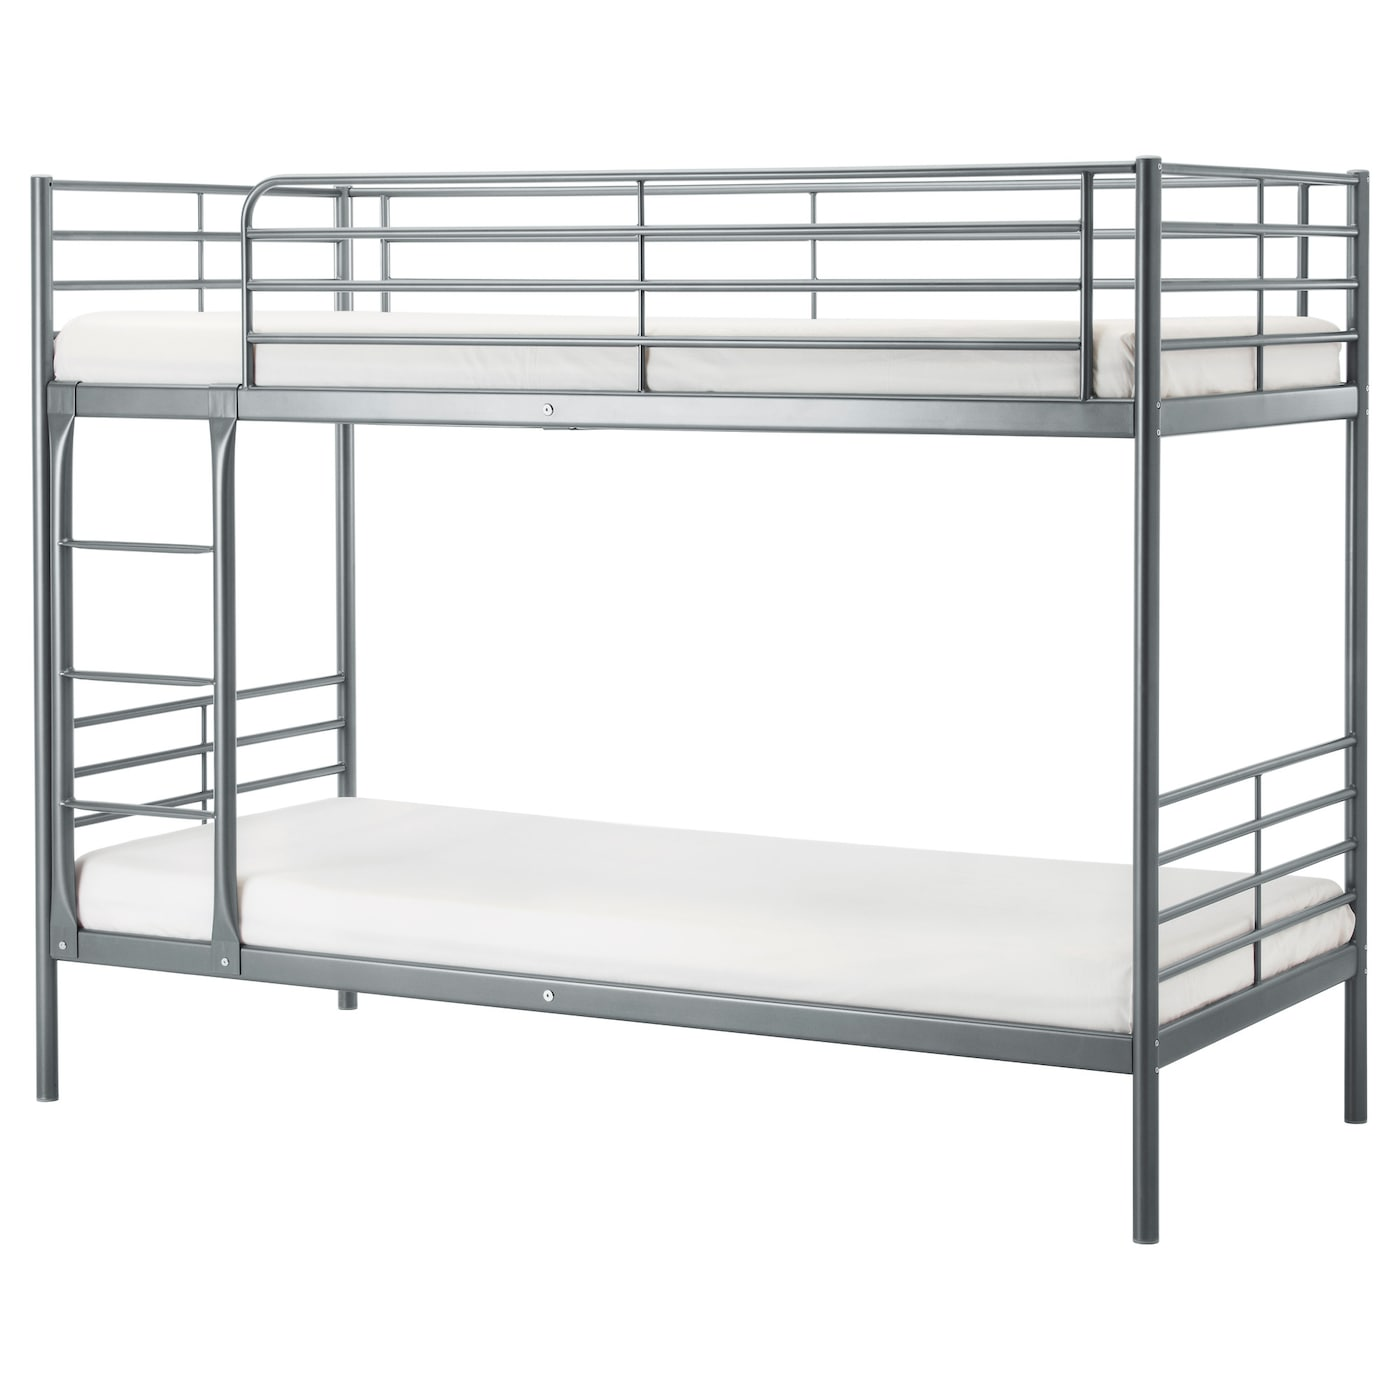 bunk beds wooden metal bunk beds for kids ikea. Black Bedroom Furniture Sets. Home Design Ideas